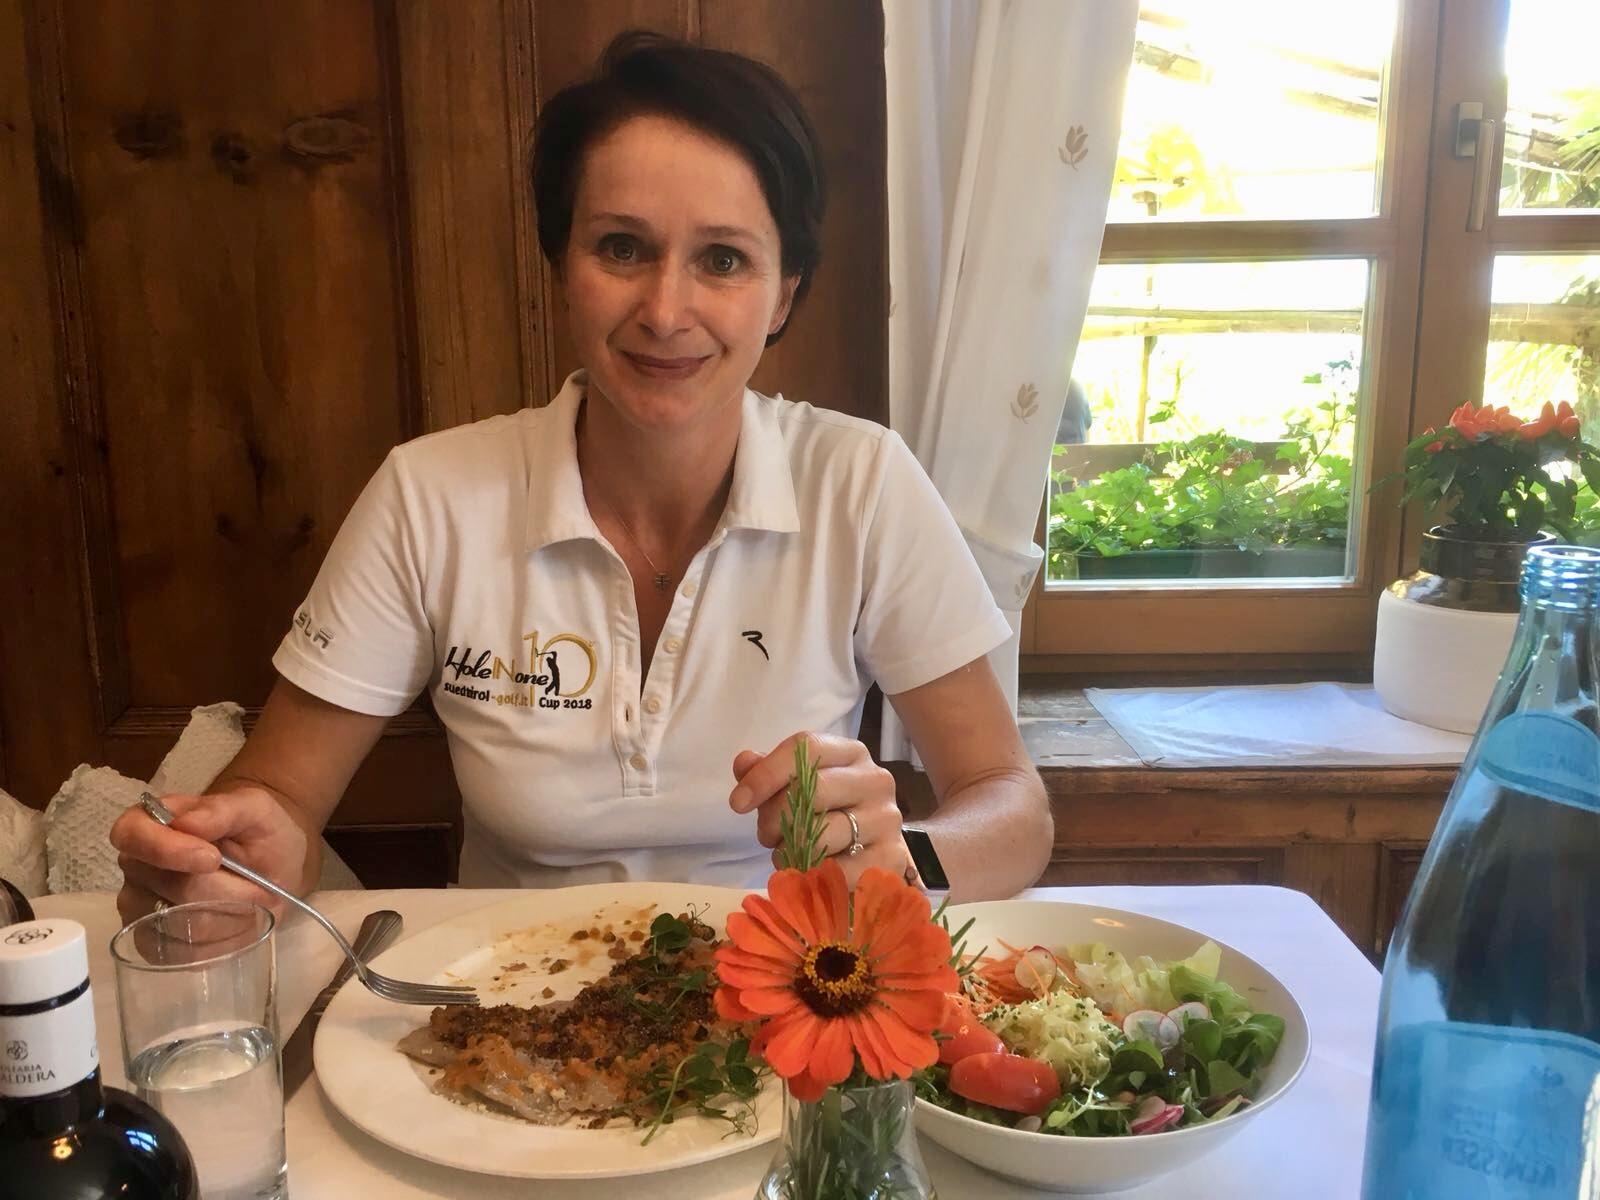 Restaurant Empfehlung: Leiter am Waal in Algund